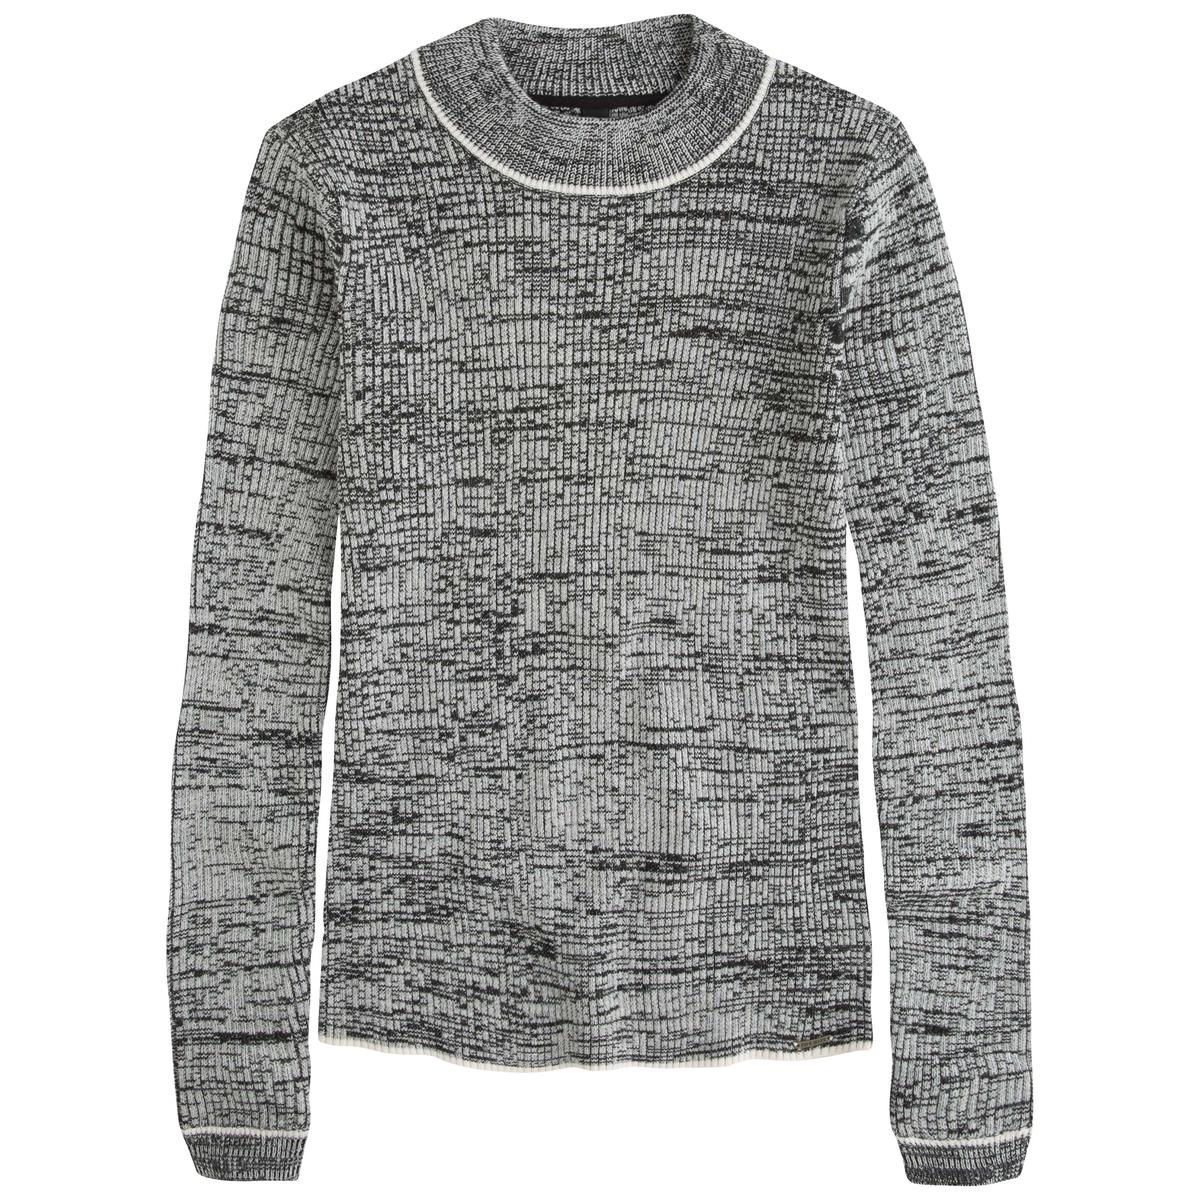 Пуловер с высоким воротником и длинными рукавами LEIRAСостав и описаниеМарка: PEPE JEANS.Модель: LEIRA.Материалы: 55% хлопка, 45% акрила.<br><br>Цвет: красный,черный<br>Размер: XS.M